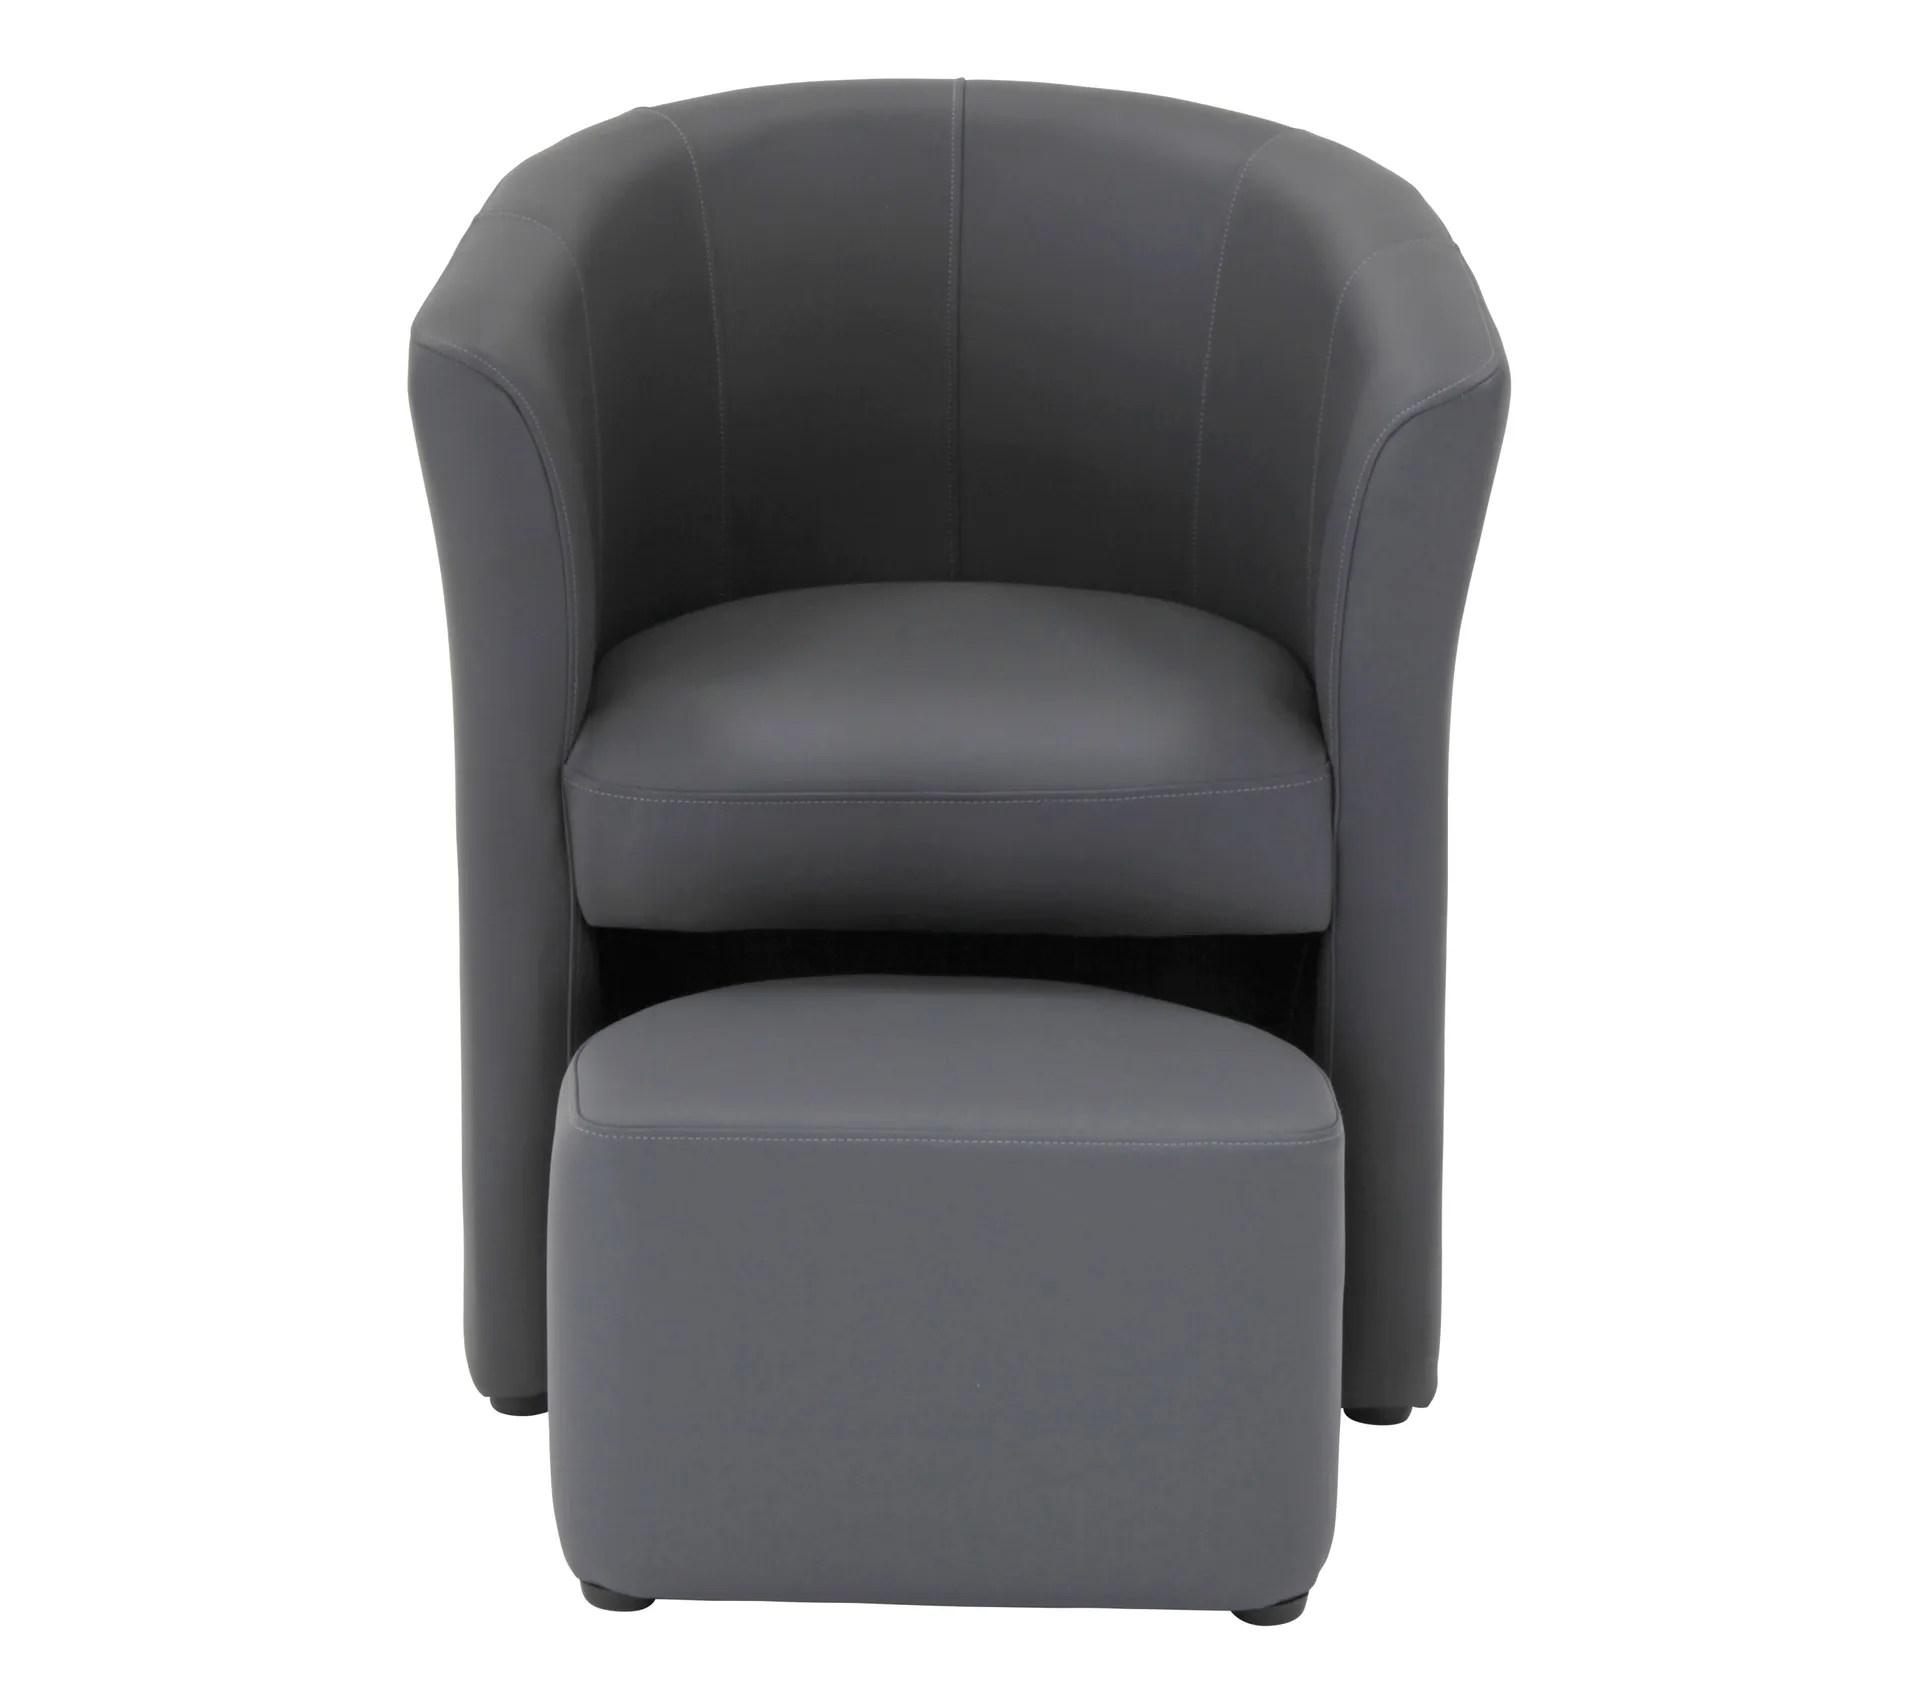 fauteuil cabriolet et pouf clayton pu gris anthracite